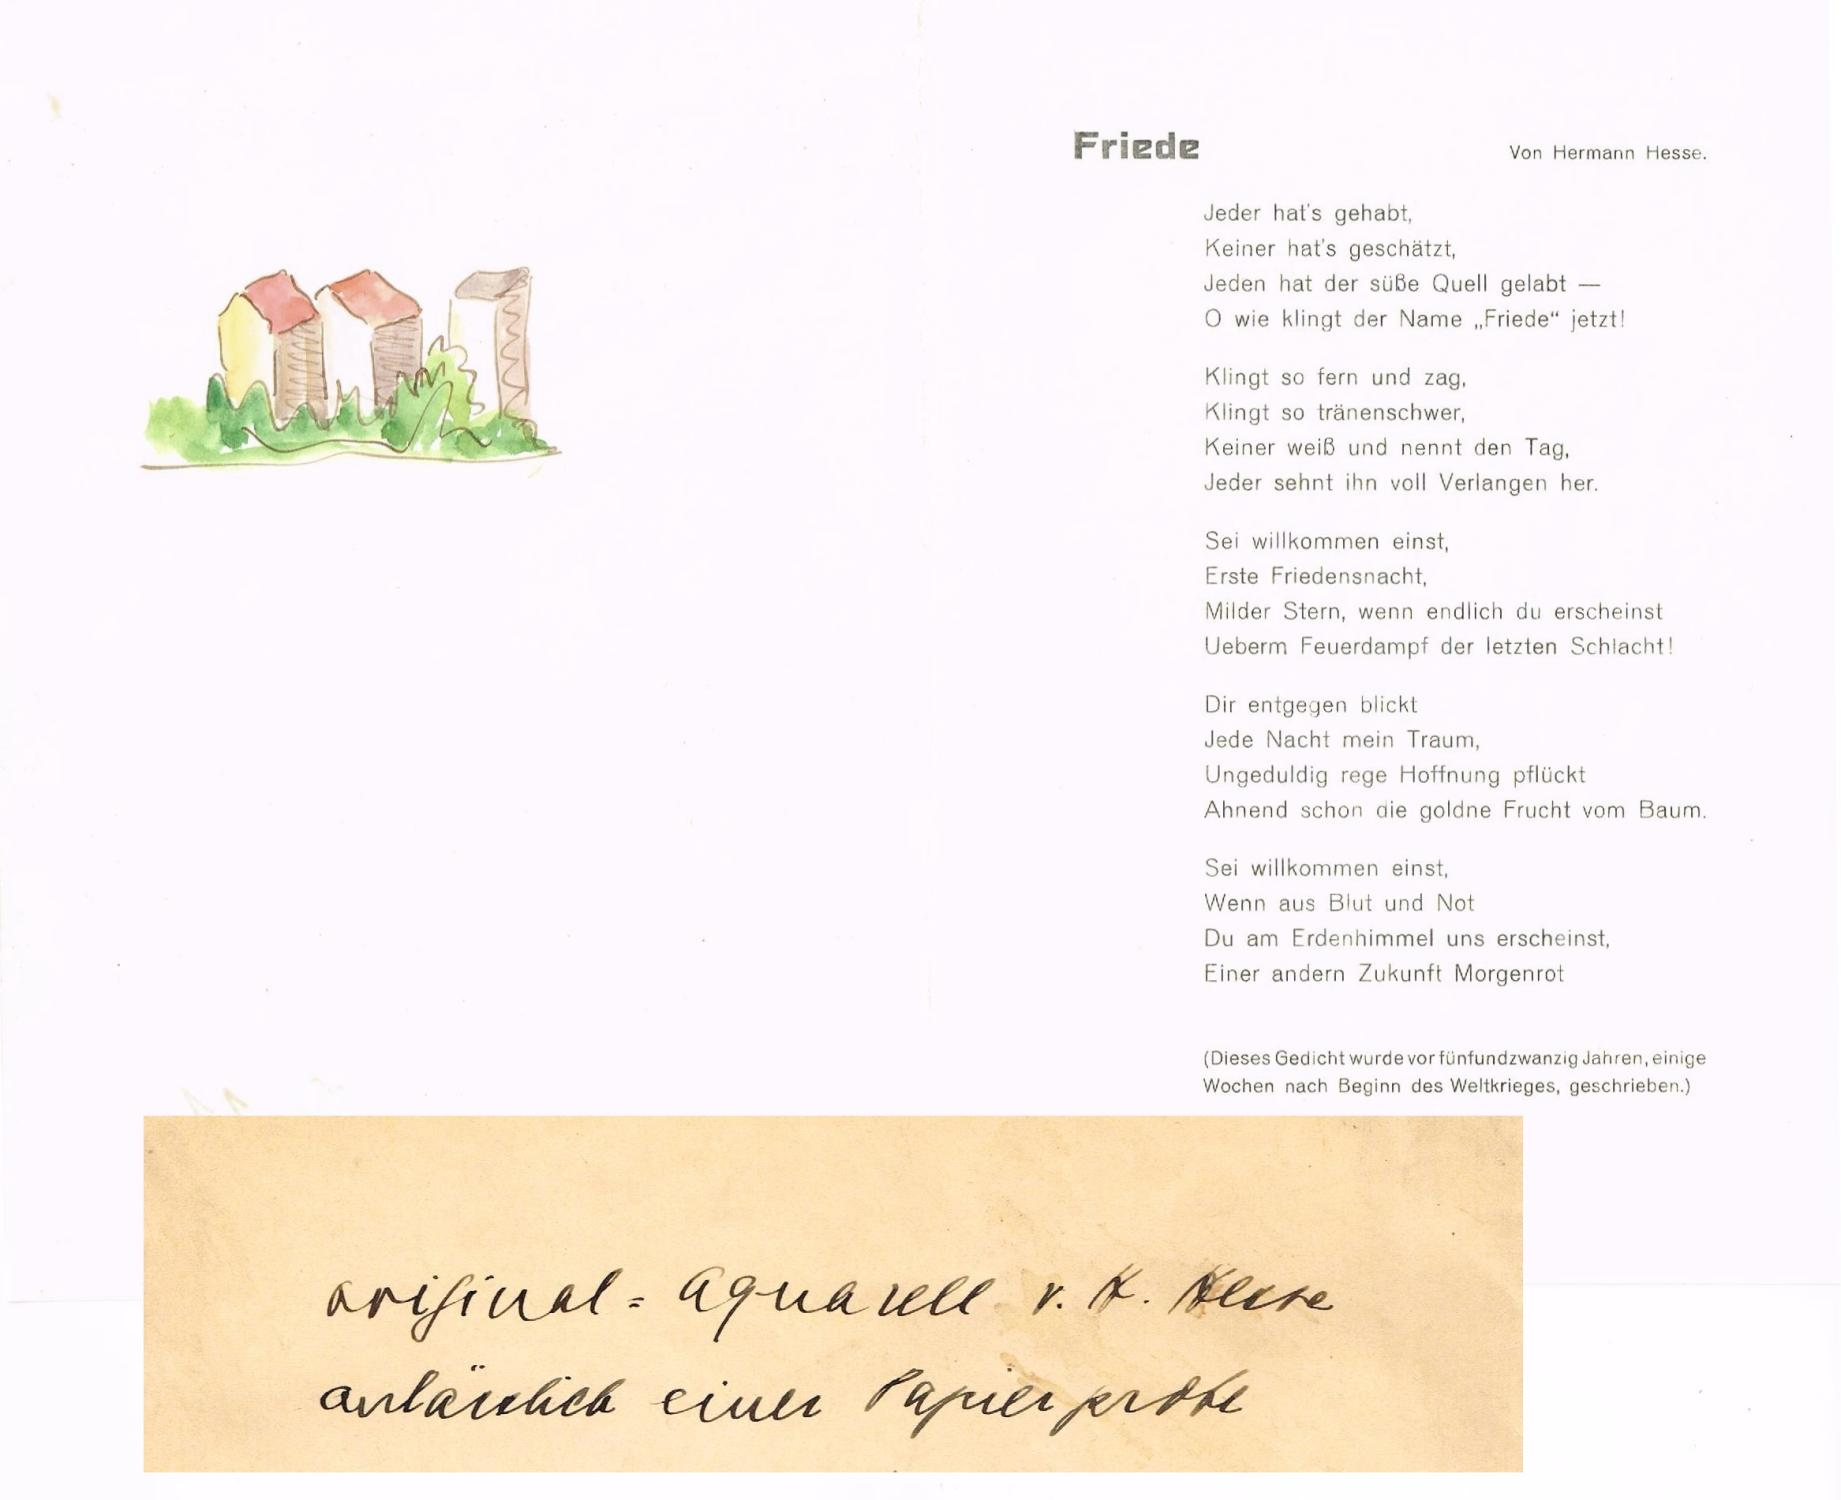 Hermann hesse gedicht nacht